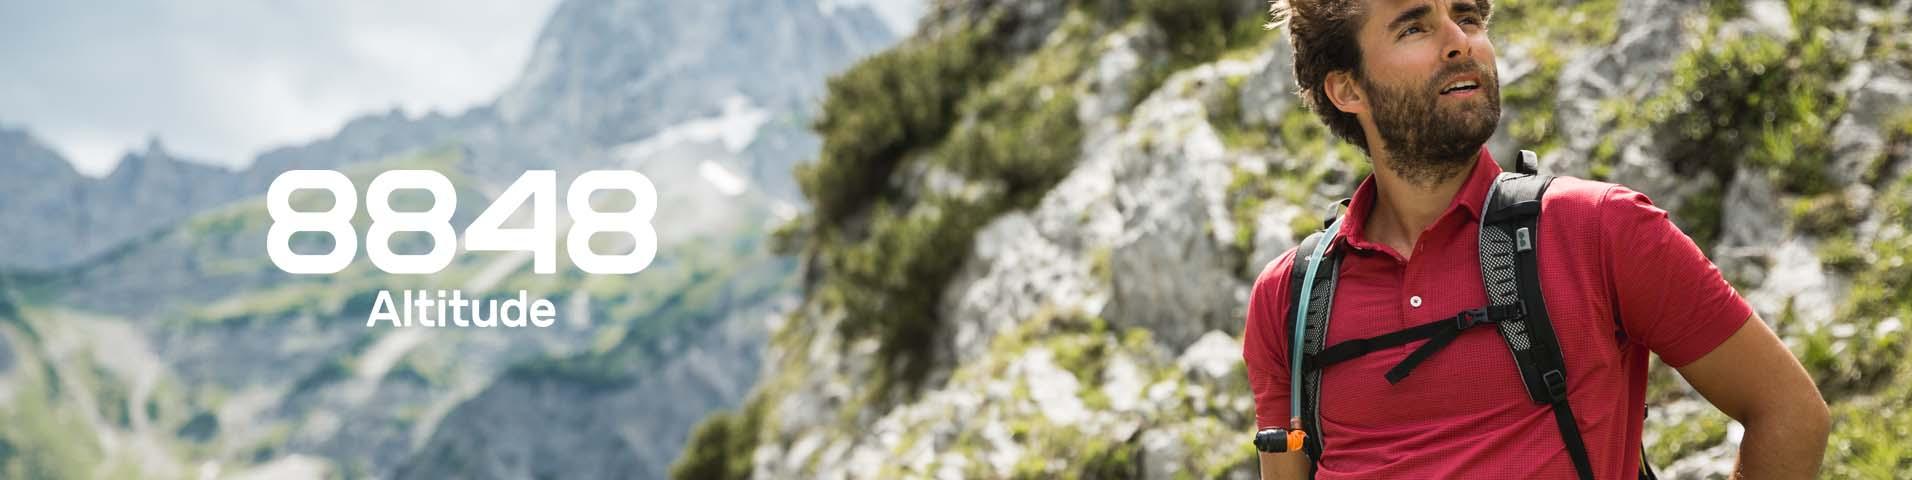 Gule Klær Sport | Herre | Nye sportsklær på nett hos Zalando